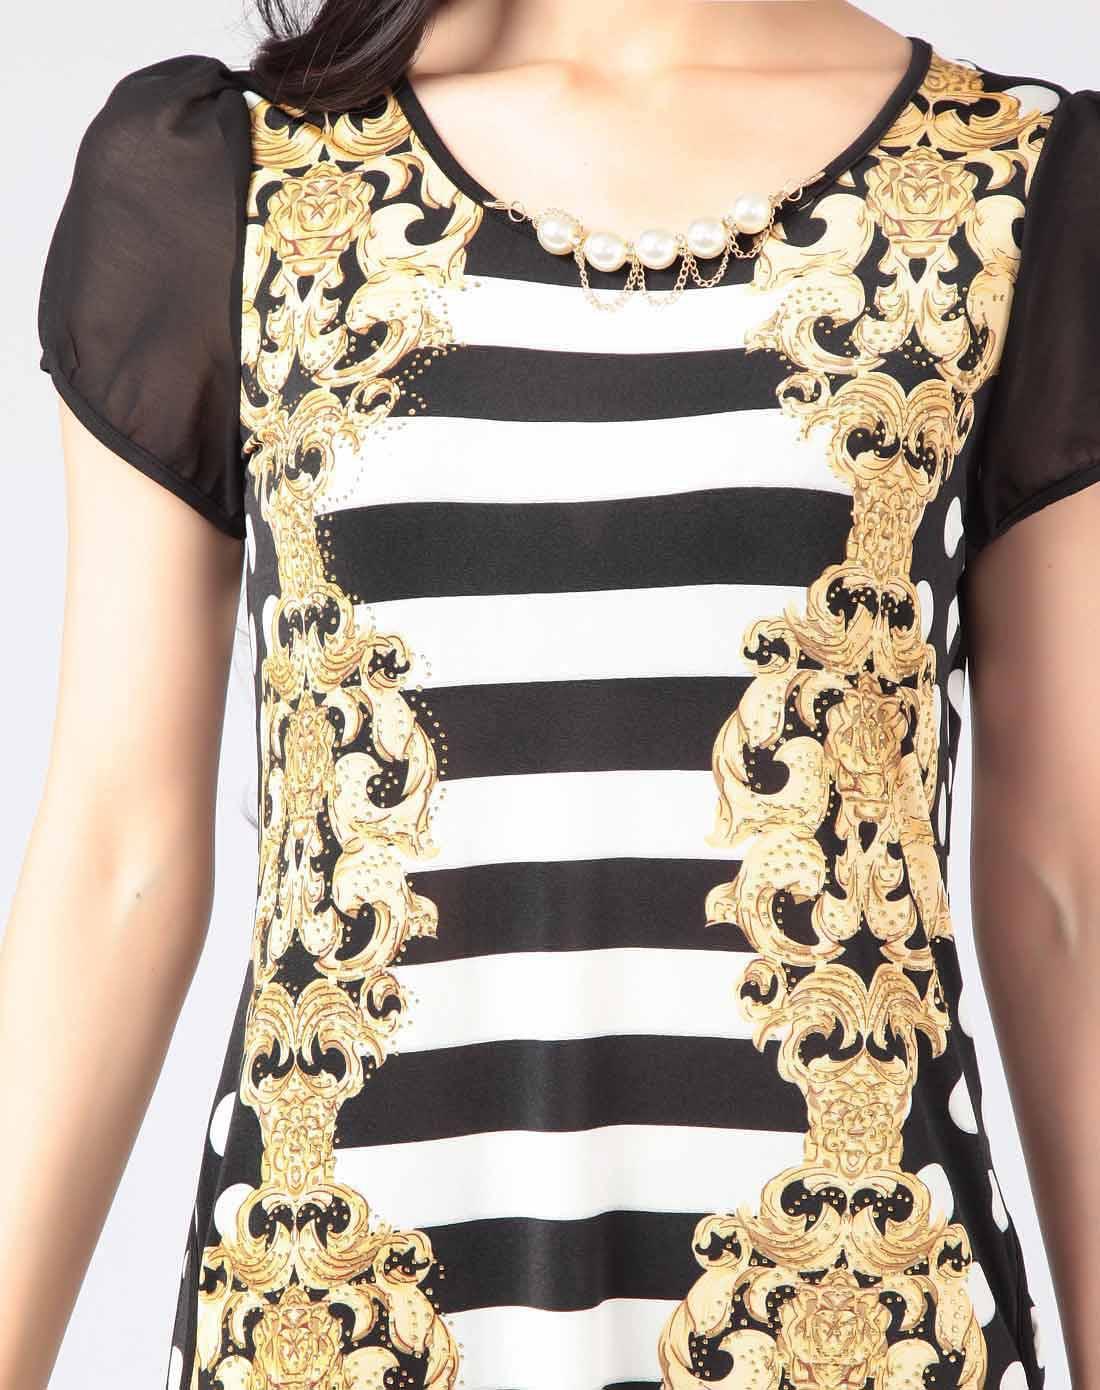 色古典花纹连衣裙